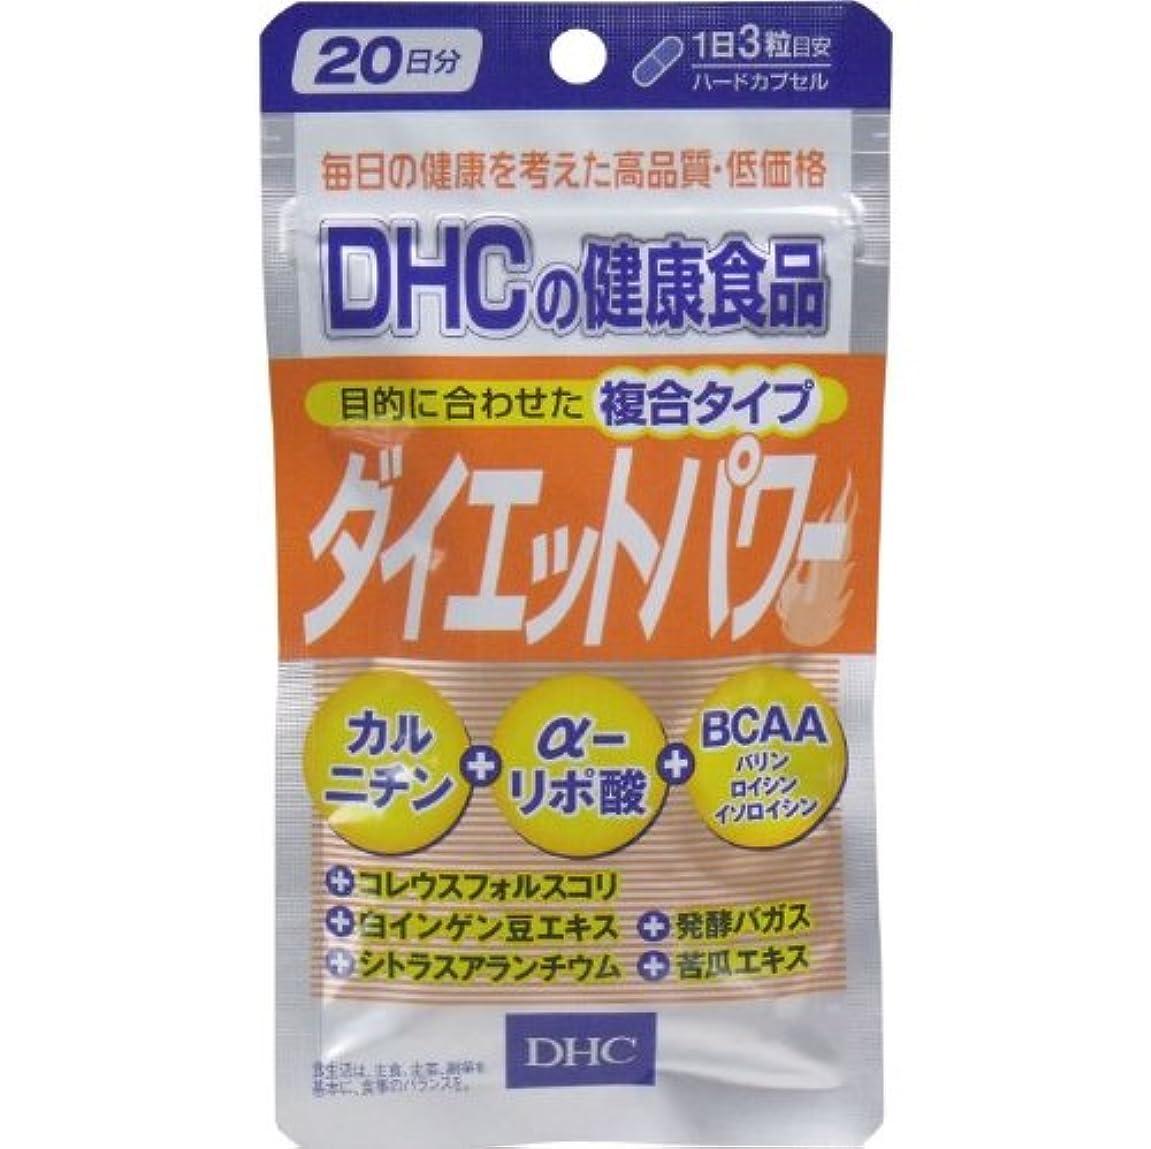 寄託暫定の役割DHC ダイエットパワー 60粒入 20日分「2点セット」